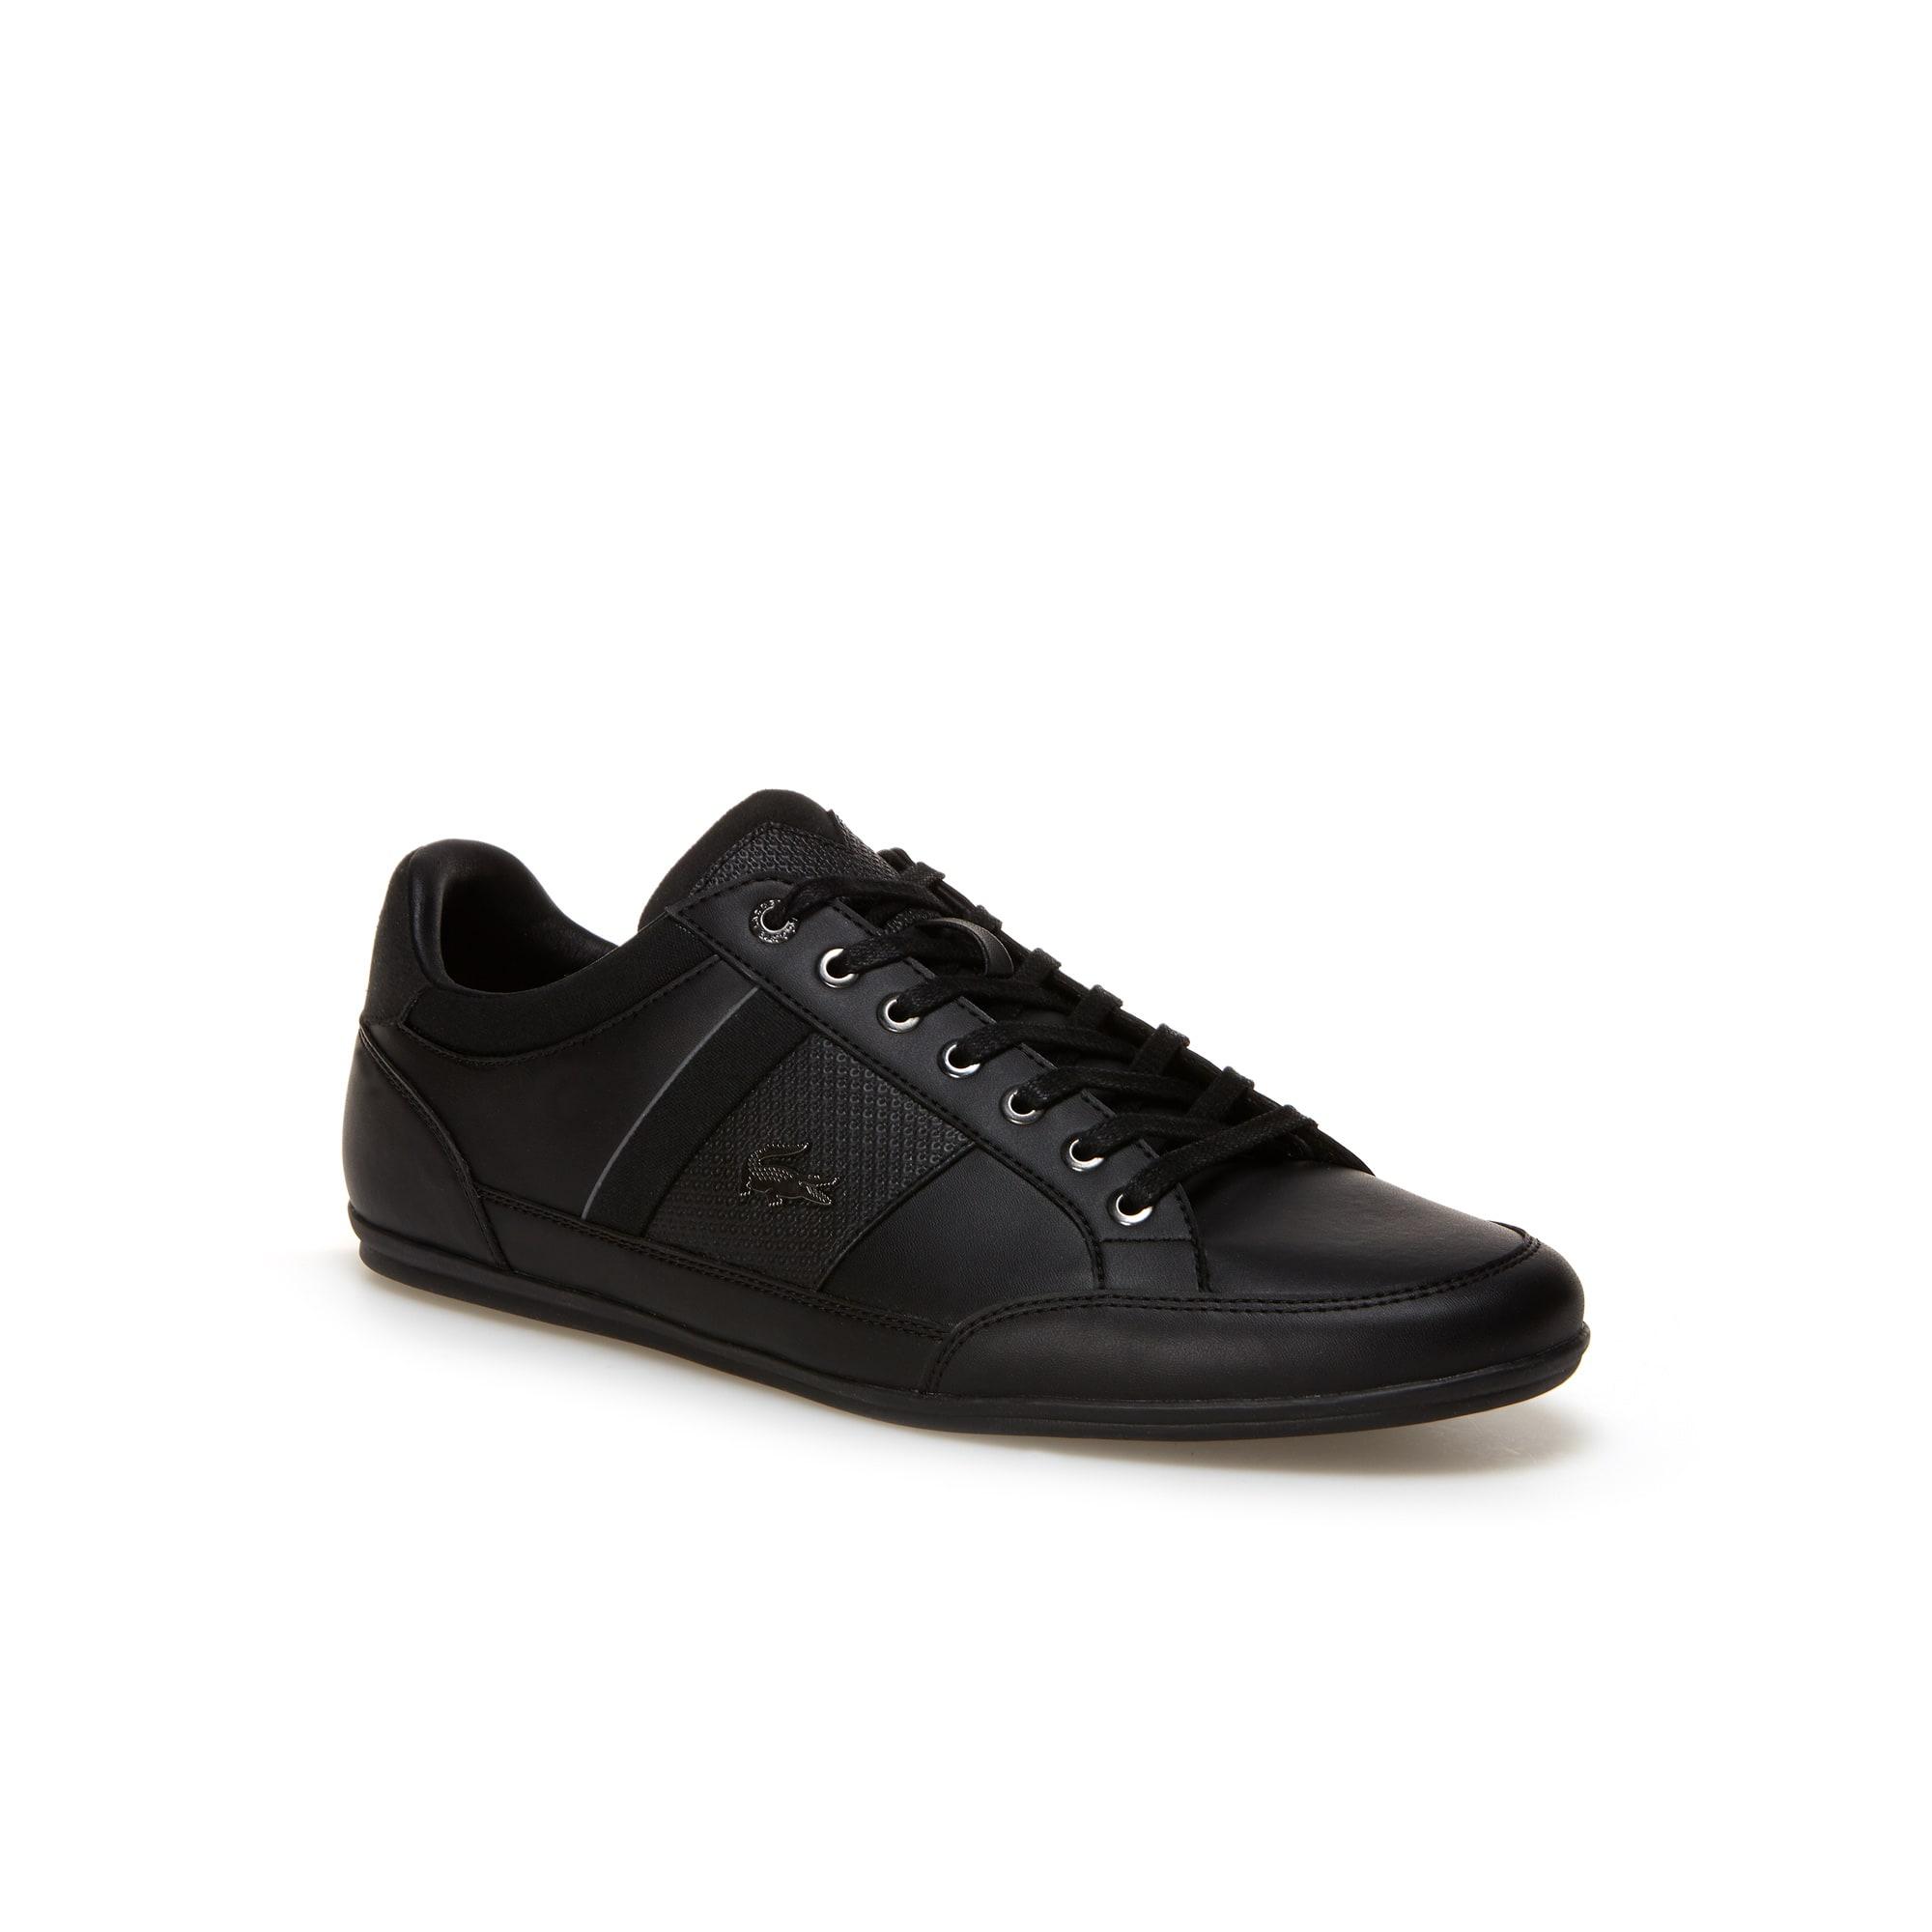 Sneakers Chaymon en cuir nappa suédé et textile